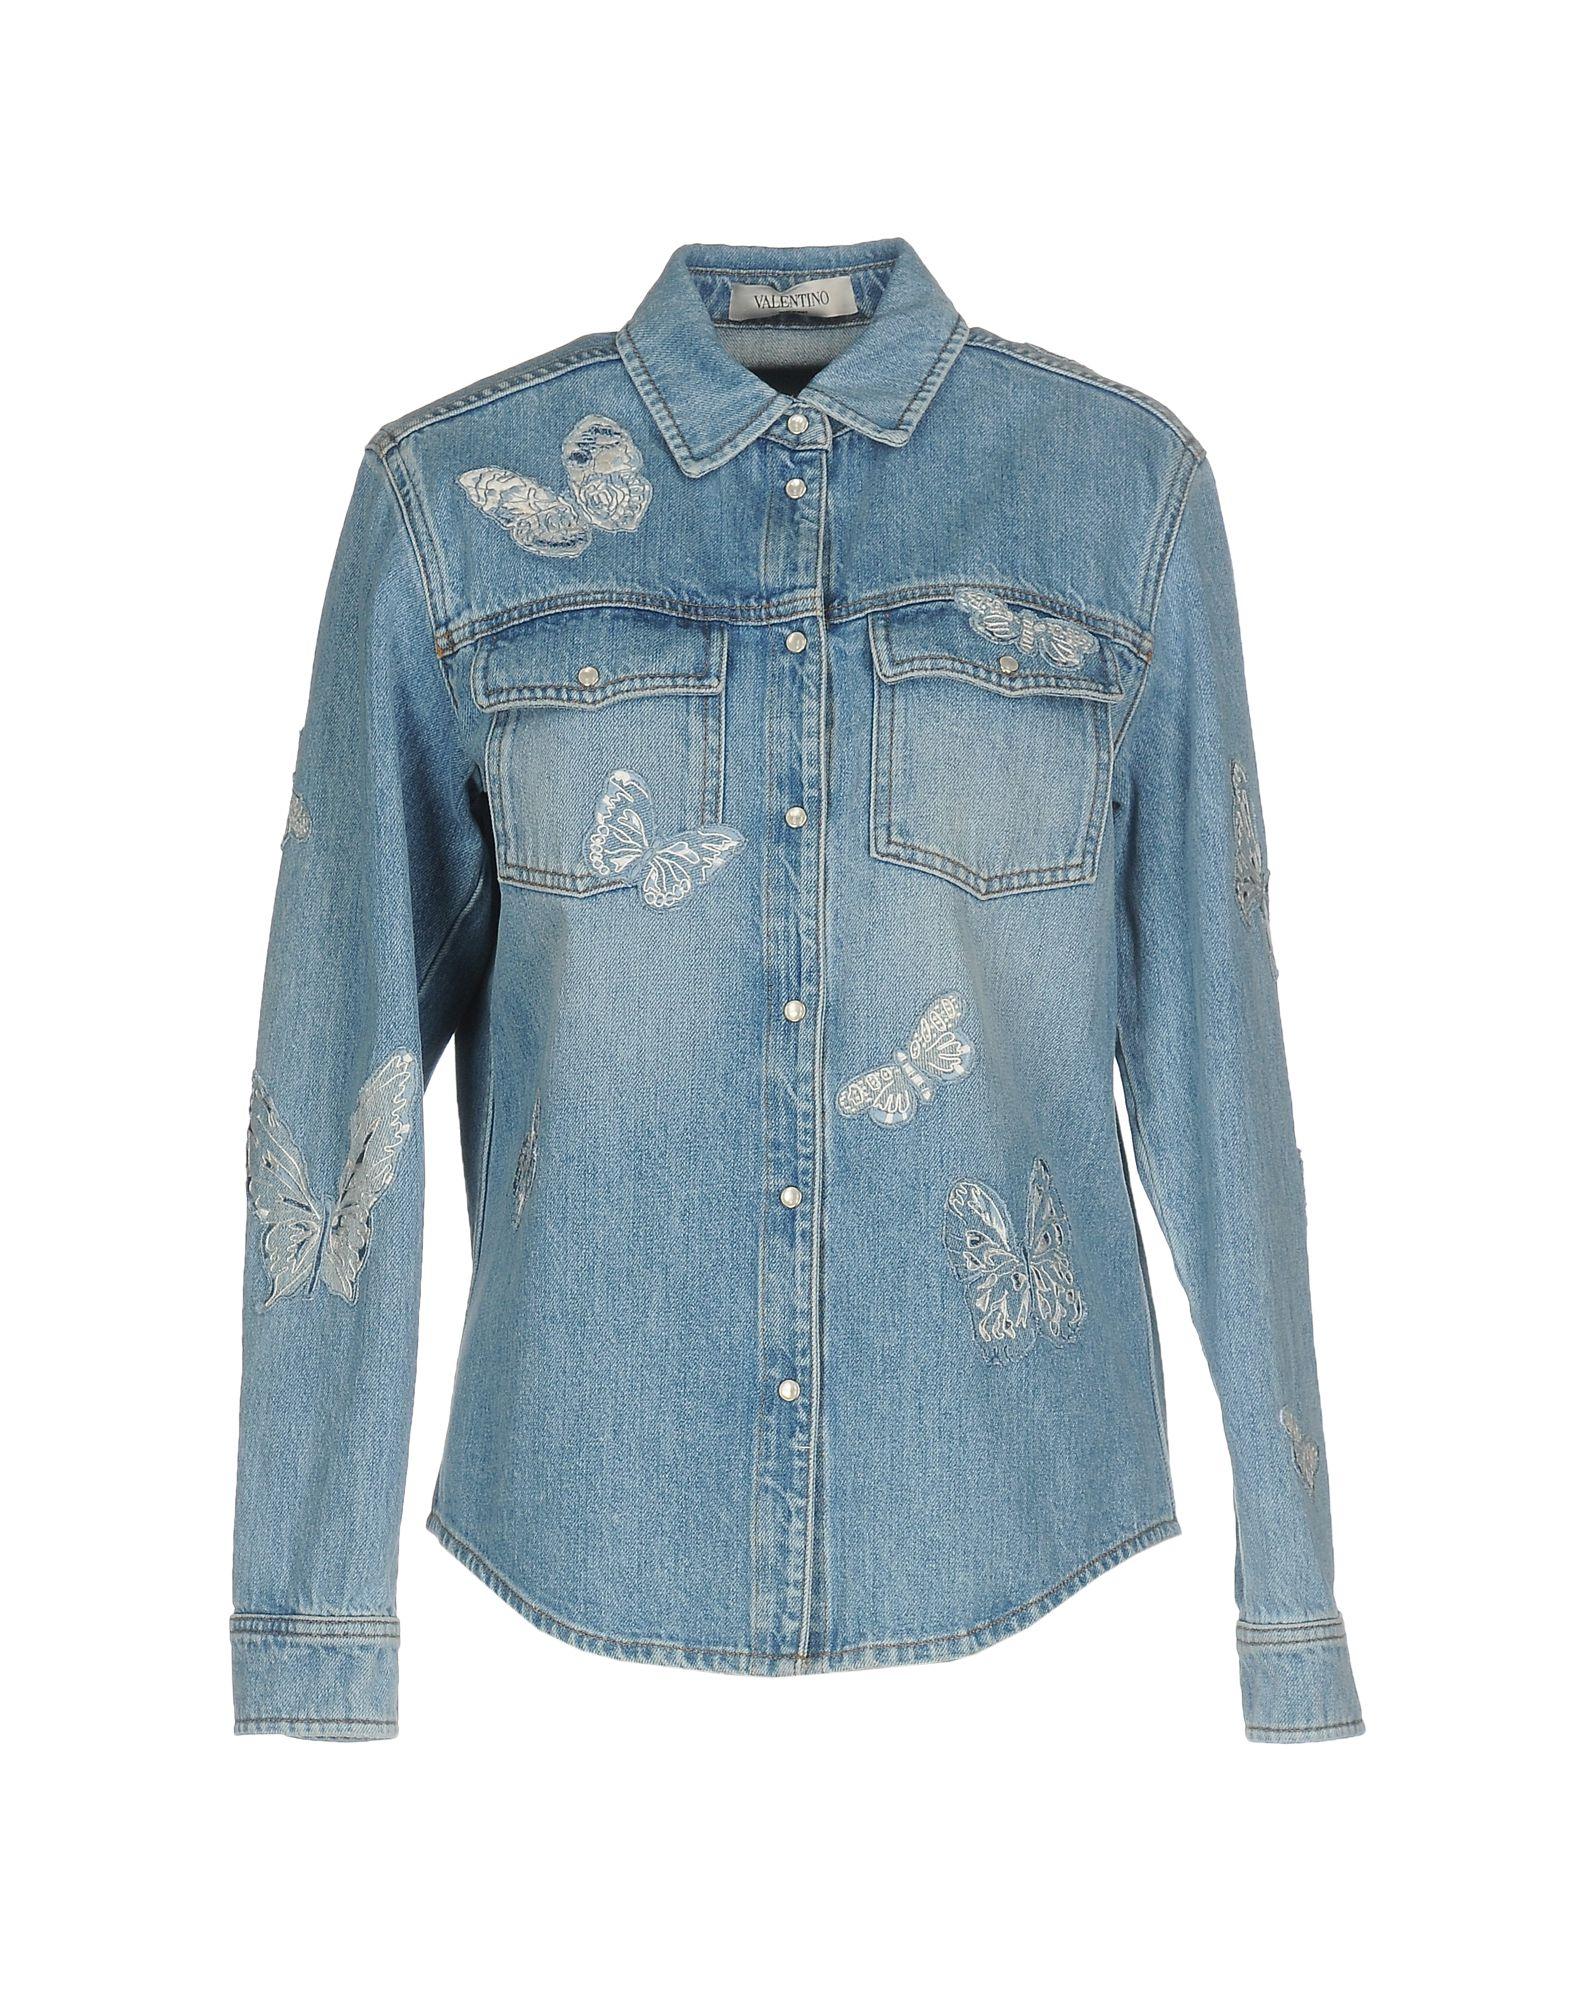 must джинсовая верхняя одежда VALENTINO Джинсовая верхняя одежда